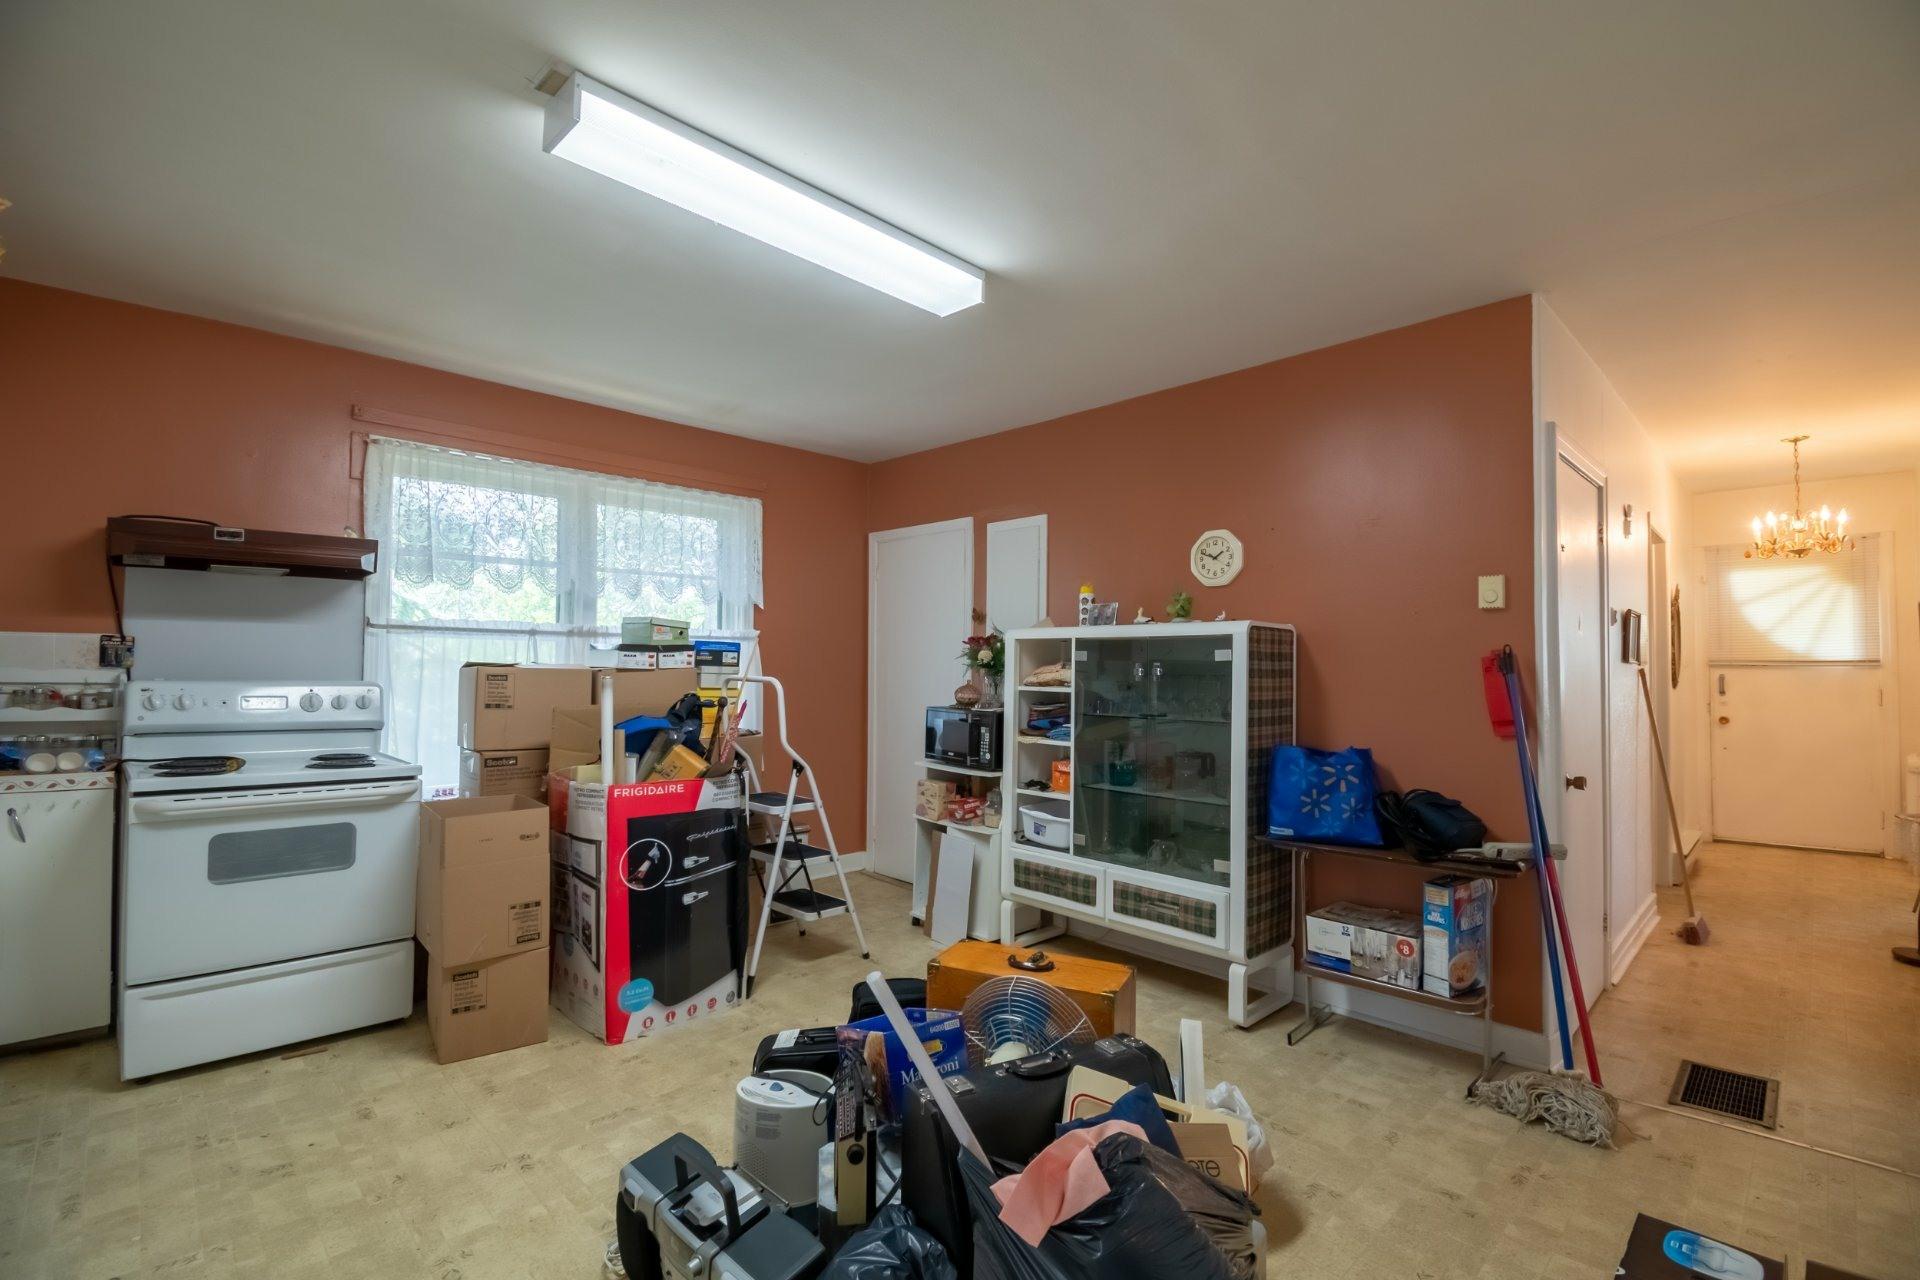 image 1 - Maison À vendre Trois-Rivières - 10 pièces